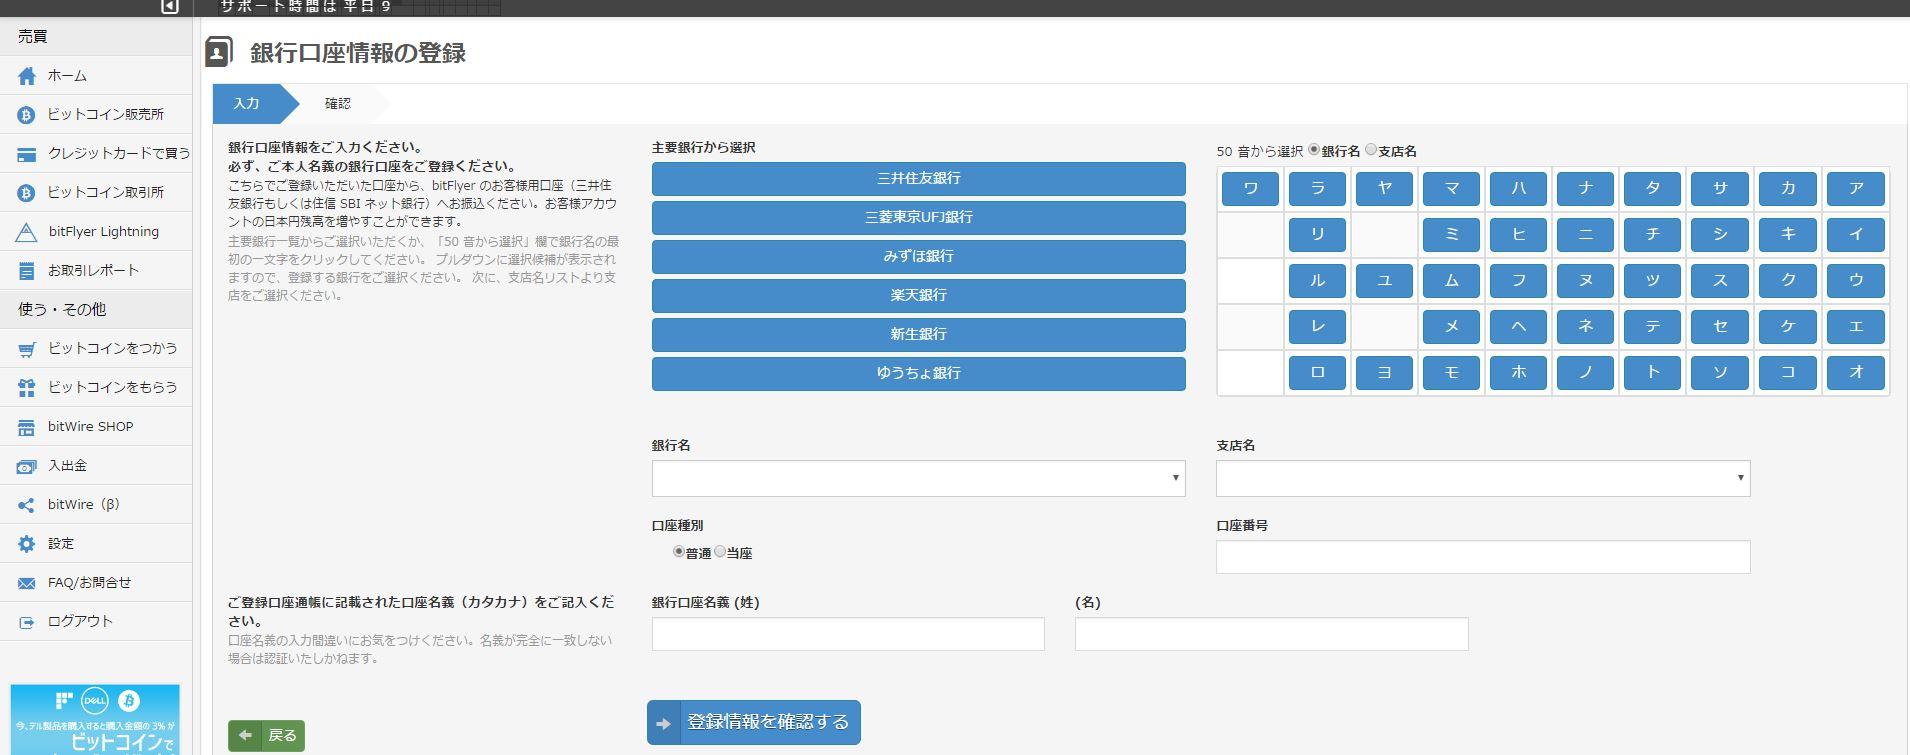 bitflyer_銀行口座登録